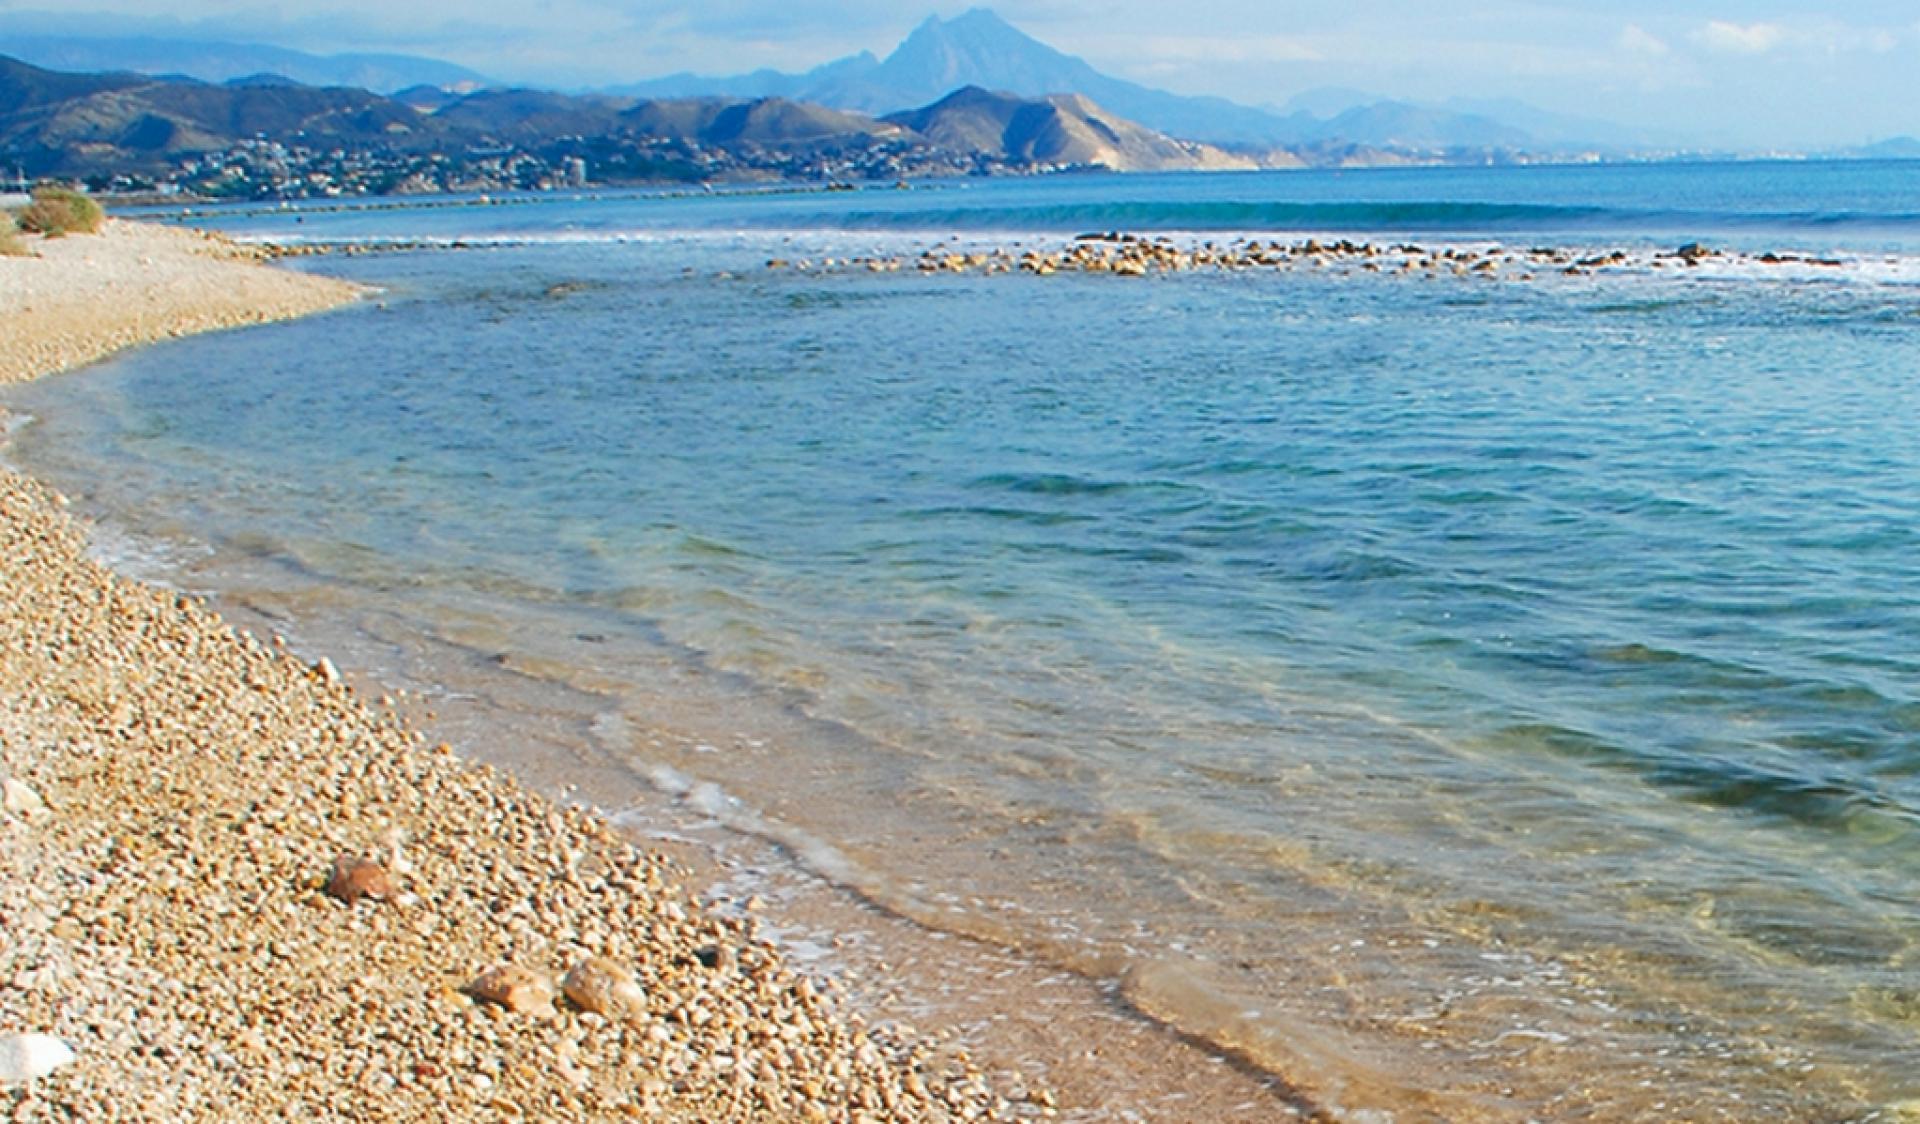 Los Altos de Alicante 4th phase - Busot, Bonalba Golf zone